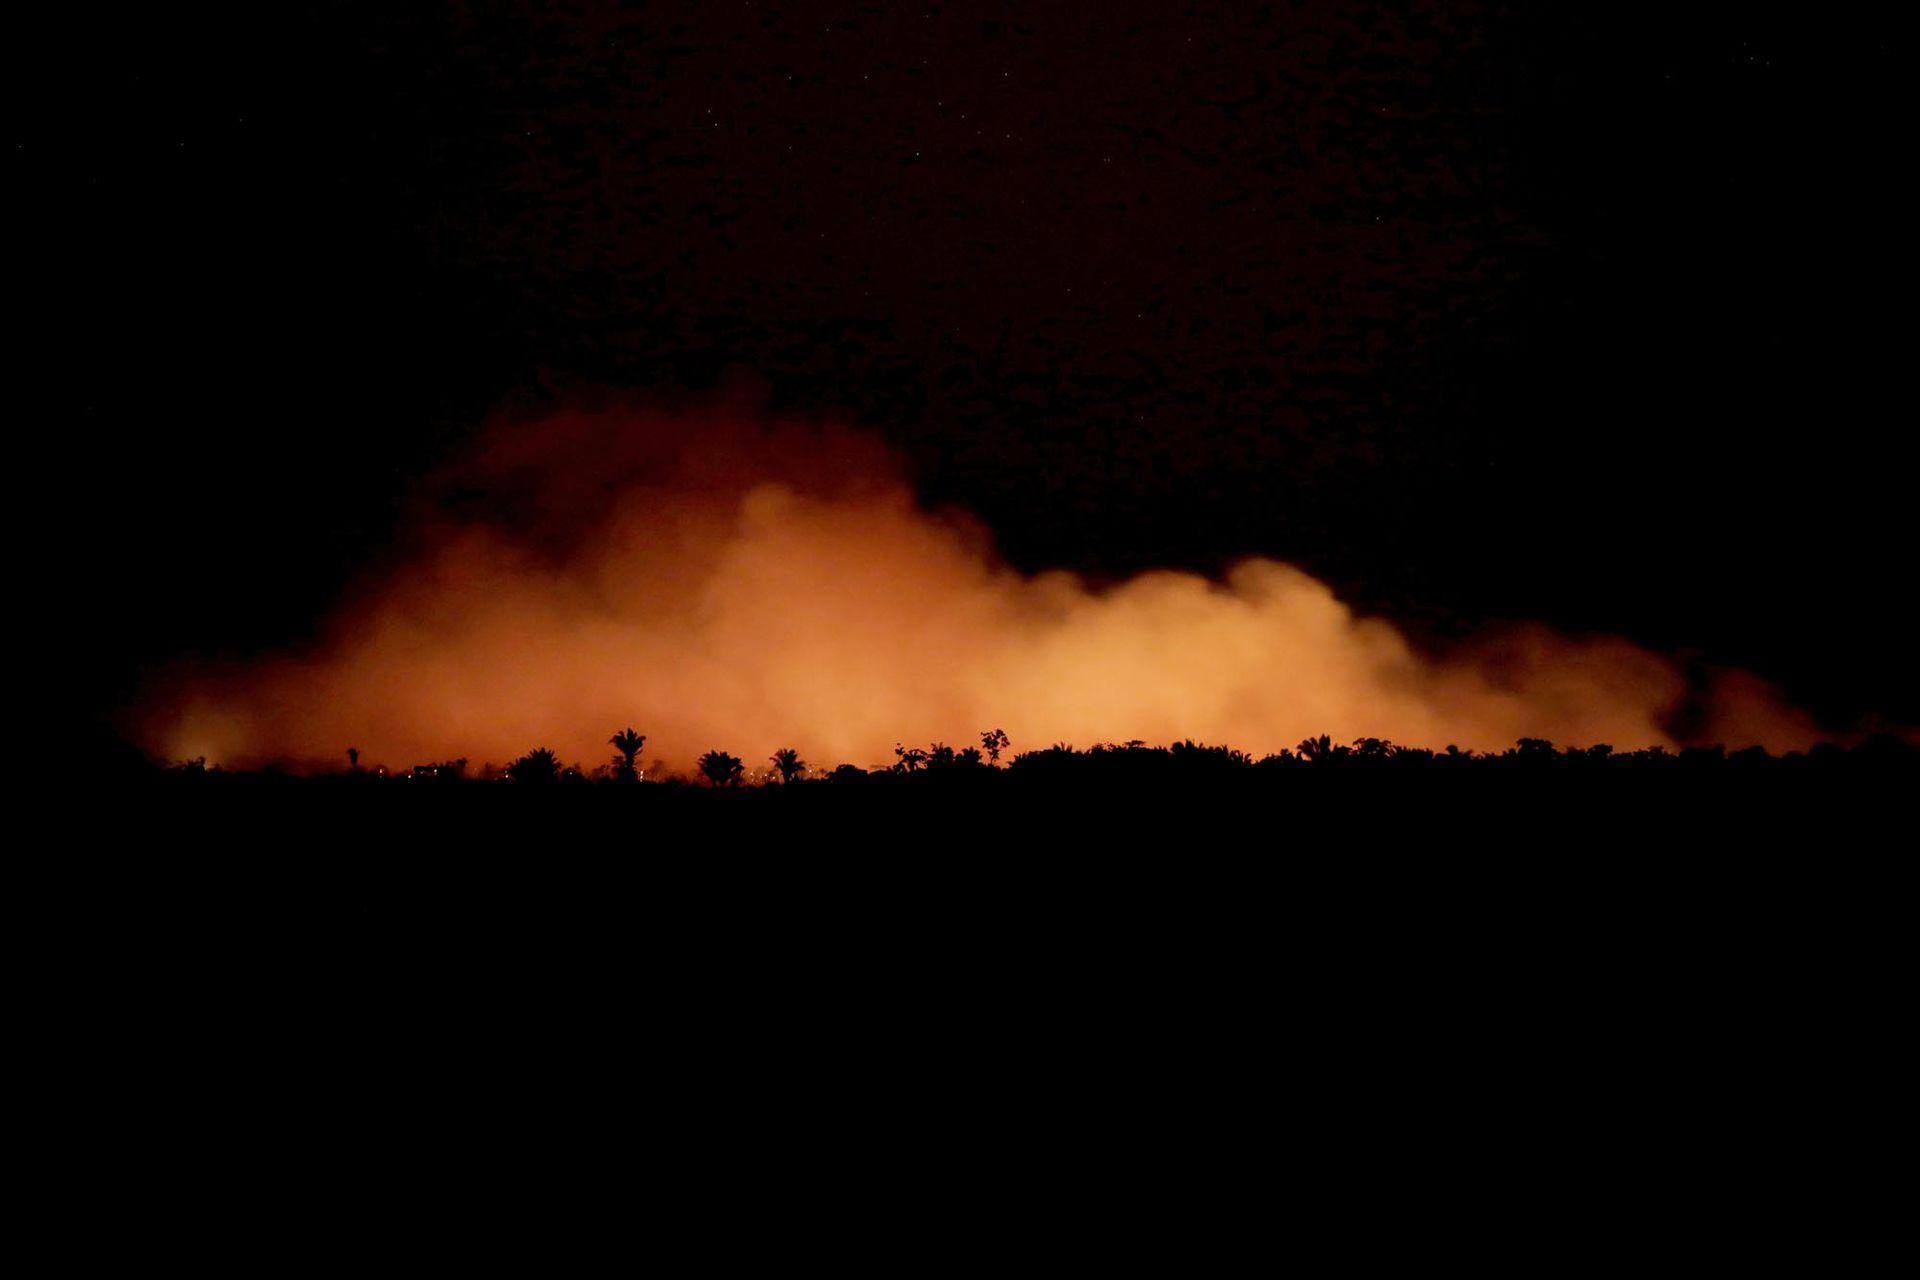 Se agrava la situación por los incendios en la Amazonia